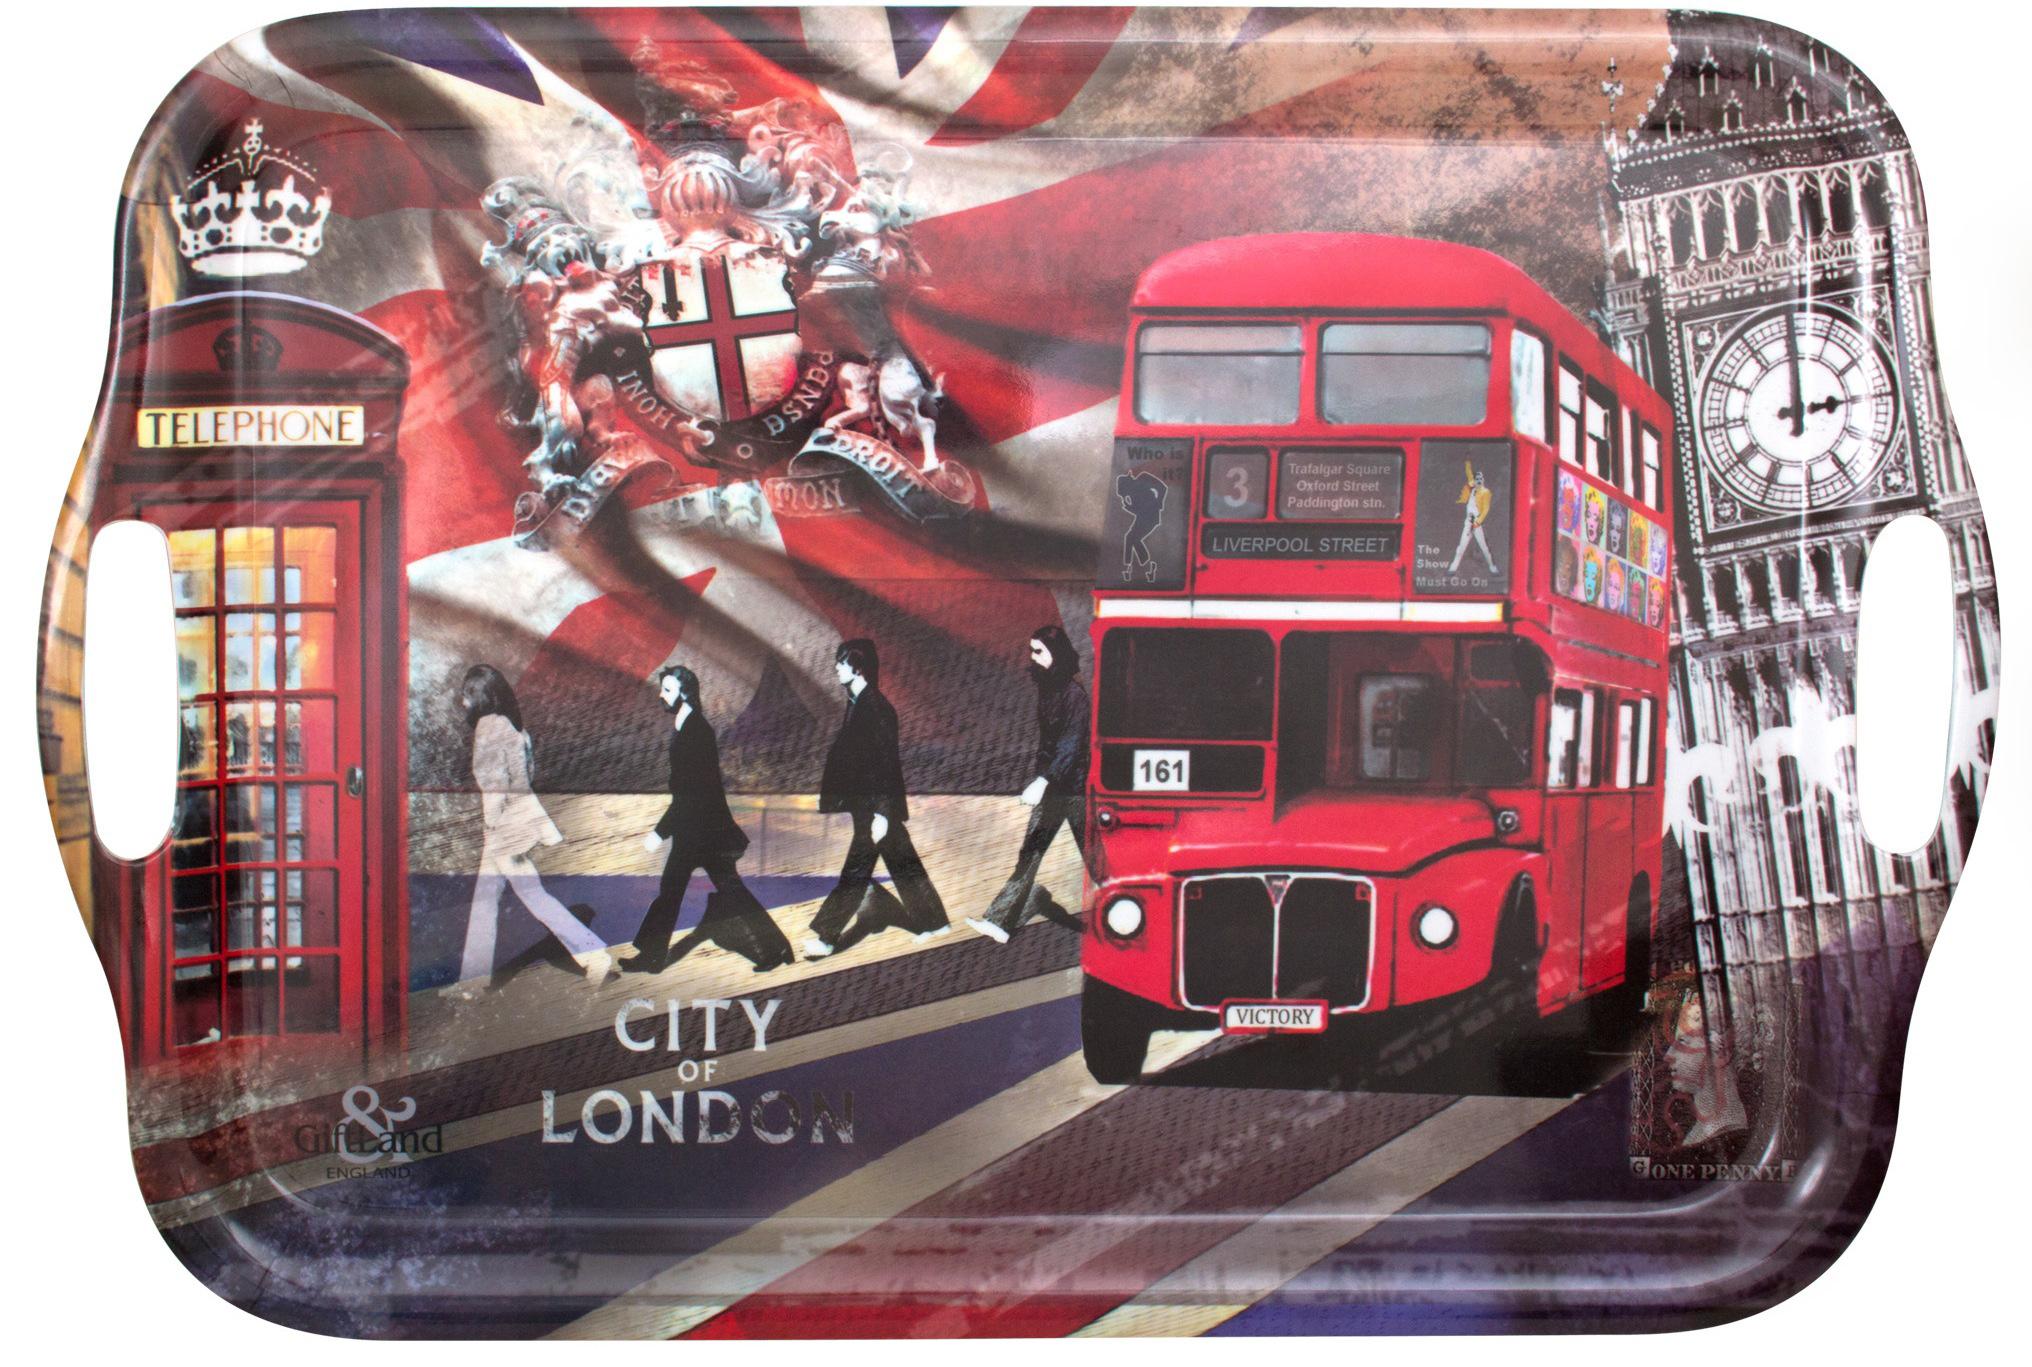 Поднос сервировочный GiftLand London Dreams, 47 x 32 смML004-L1Прямоугольный поднос GiftLand London Dreams выполнен из высококачественного, жаропрочного пластика и украшен изображением Лондона. Красочный дизайн подноса придаст оригинальность и яркость любой кухне или столовой. Поднос оснащен ручками, благодаря которым, его удобно переносить. Такой поднос станет незаменимым предметом для сервировки стола. Вместительный поднос предохранит поверхность стола от грязи и перегрева. Размер подноса: 47 см x 32 см. Высота подноса: 2 см.